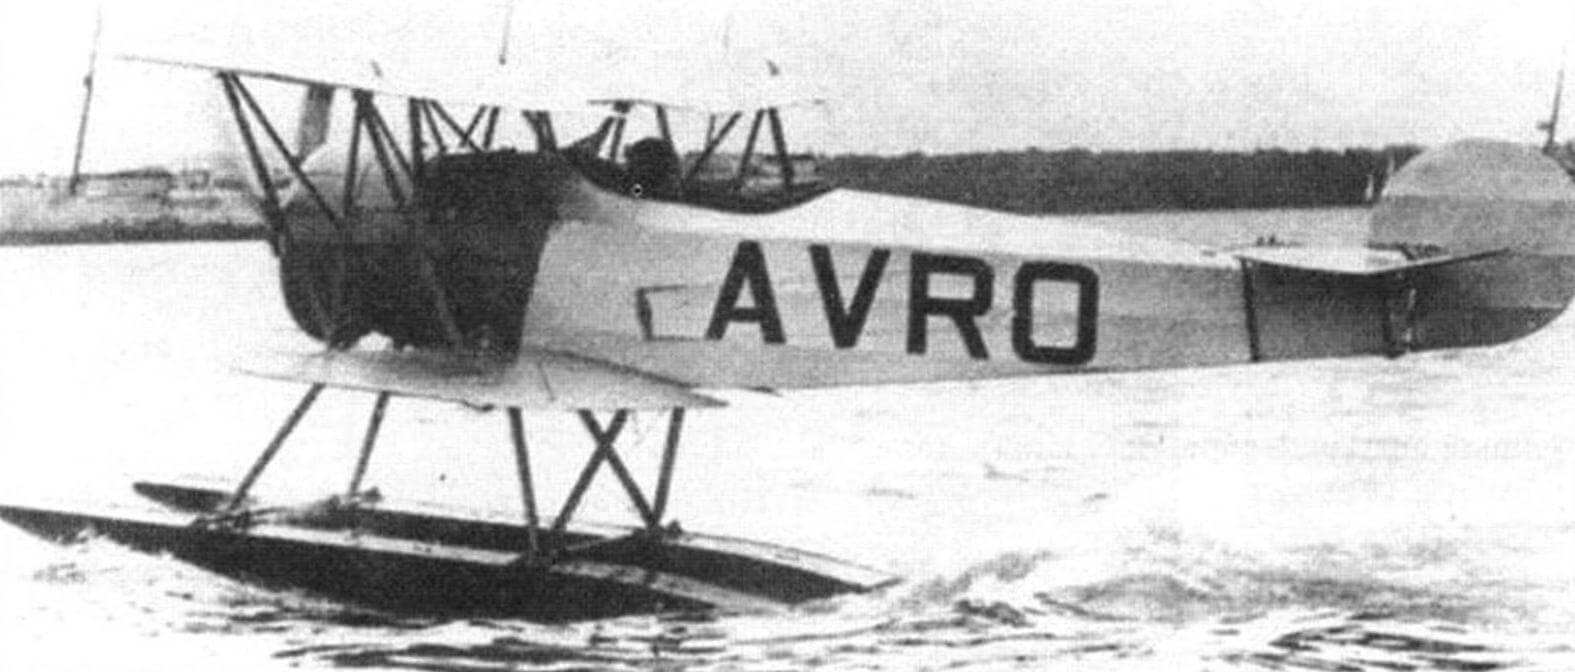 Поплавковый Авро 554 «Антарктик Бэби» во время испытаний в Саутгемптоне, 1921 год. В кабине - майор Кэрр